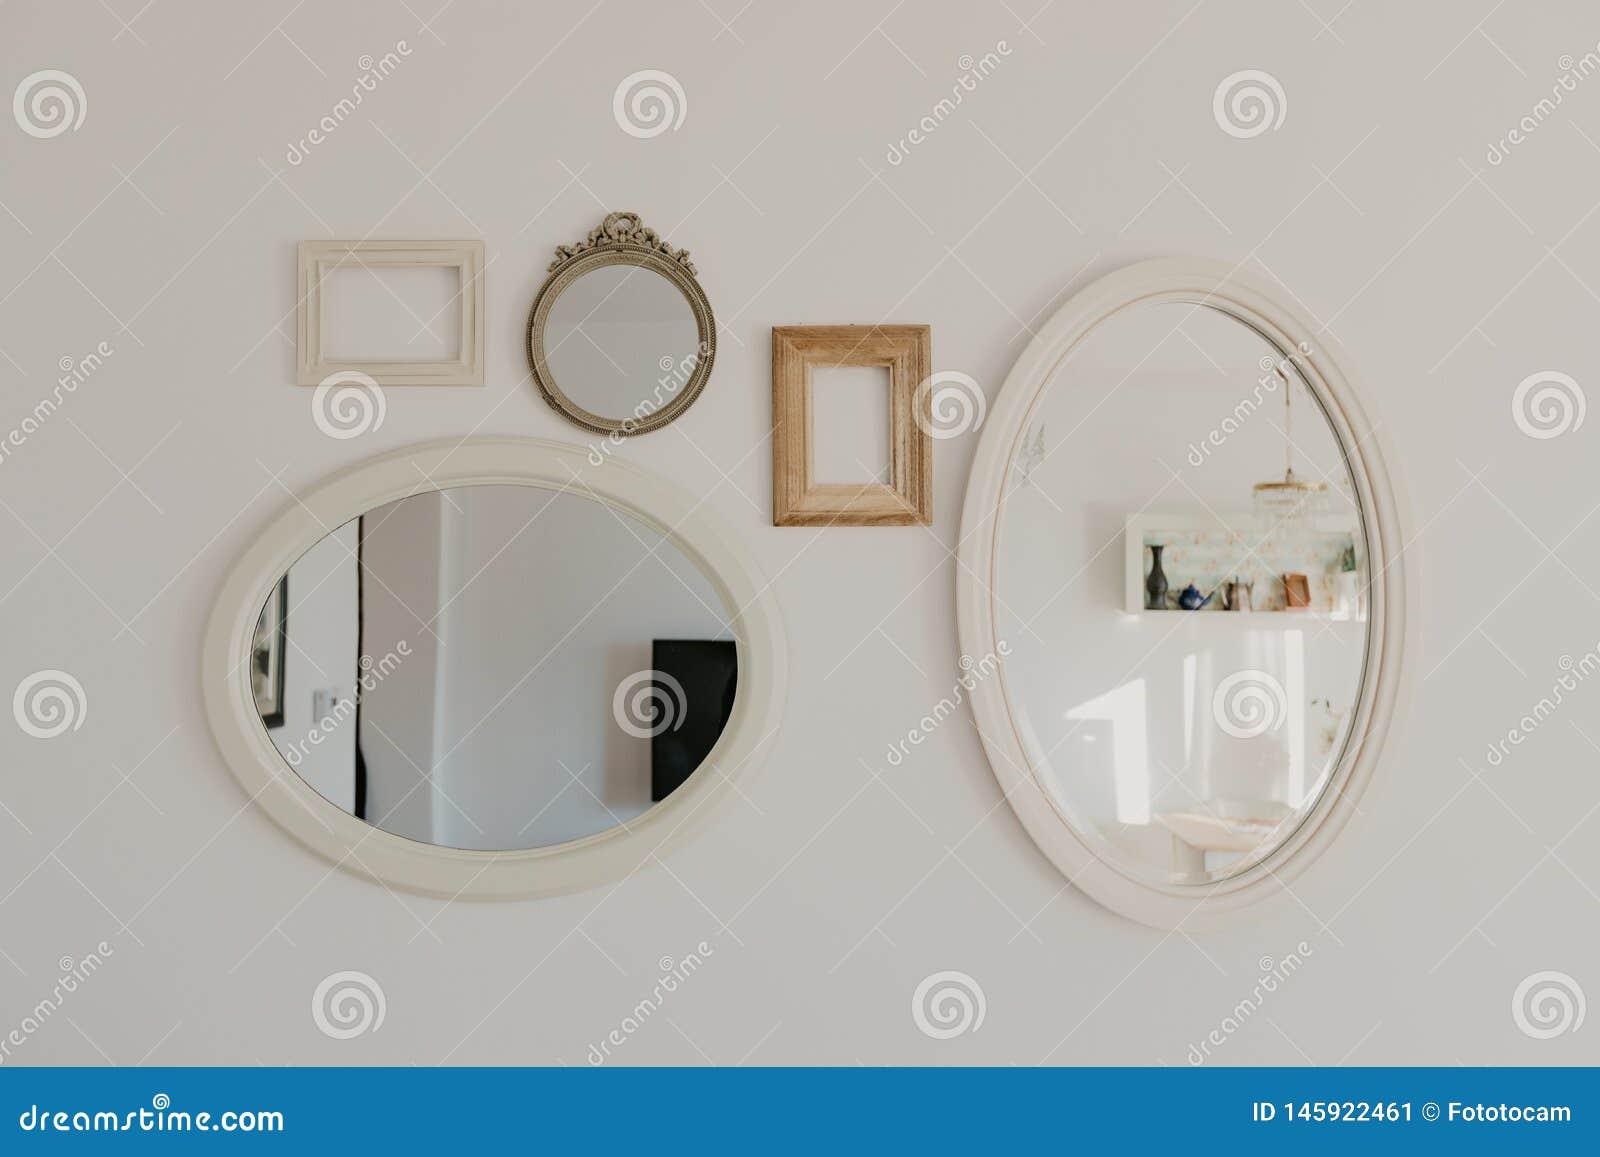 Cole??o dos quadros para imagens e espelhos